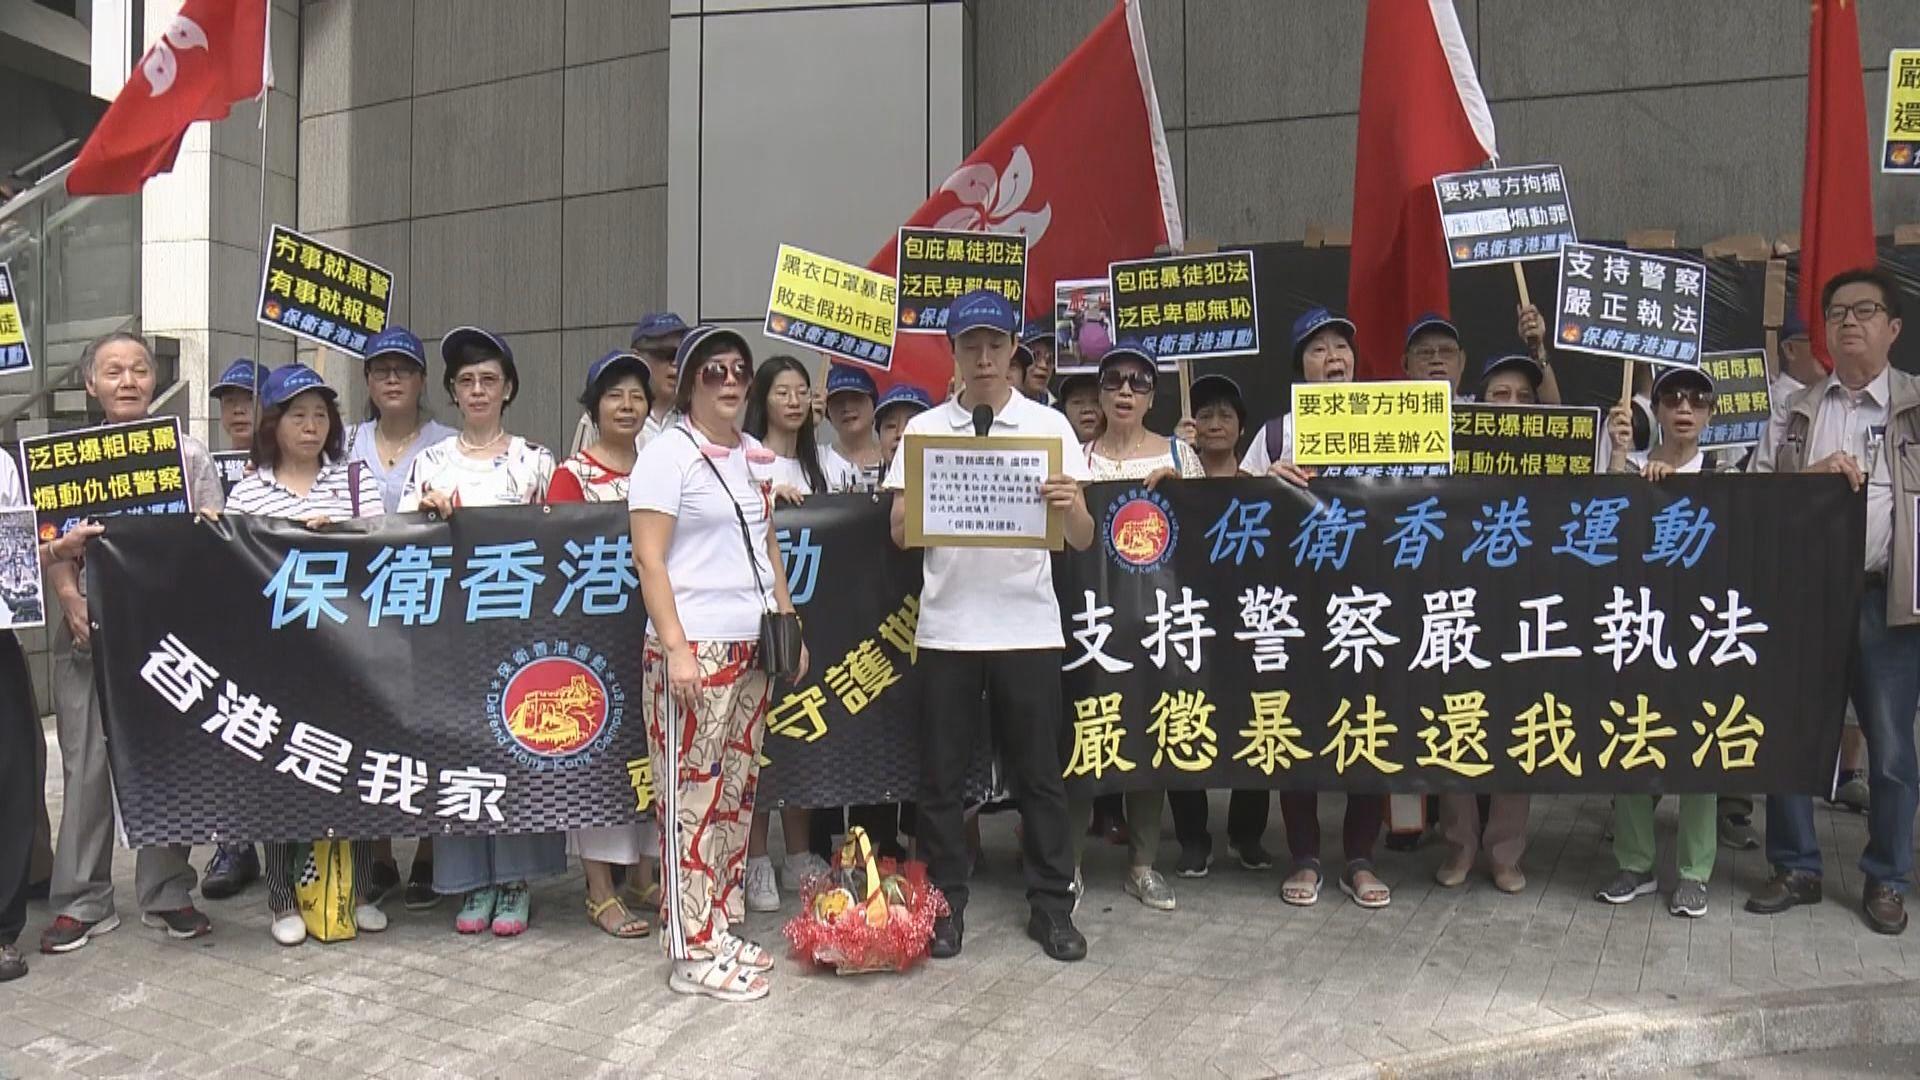 保衛香港運動到灣仔警總支持警方執法